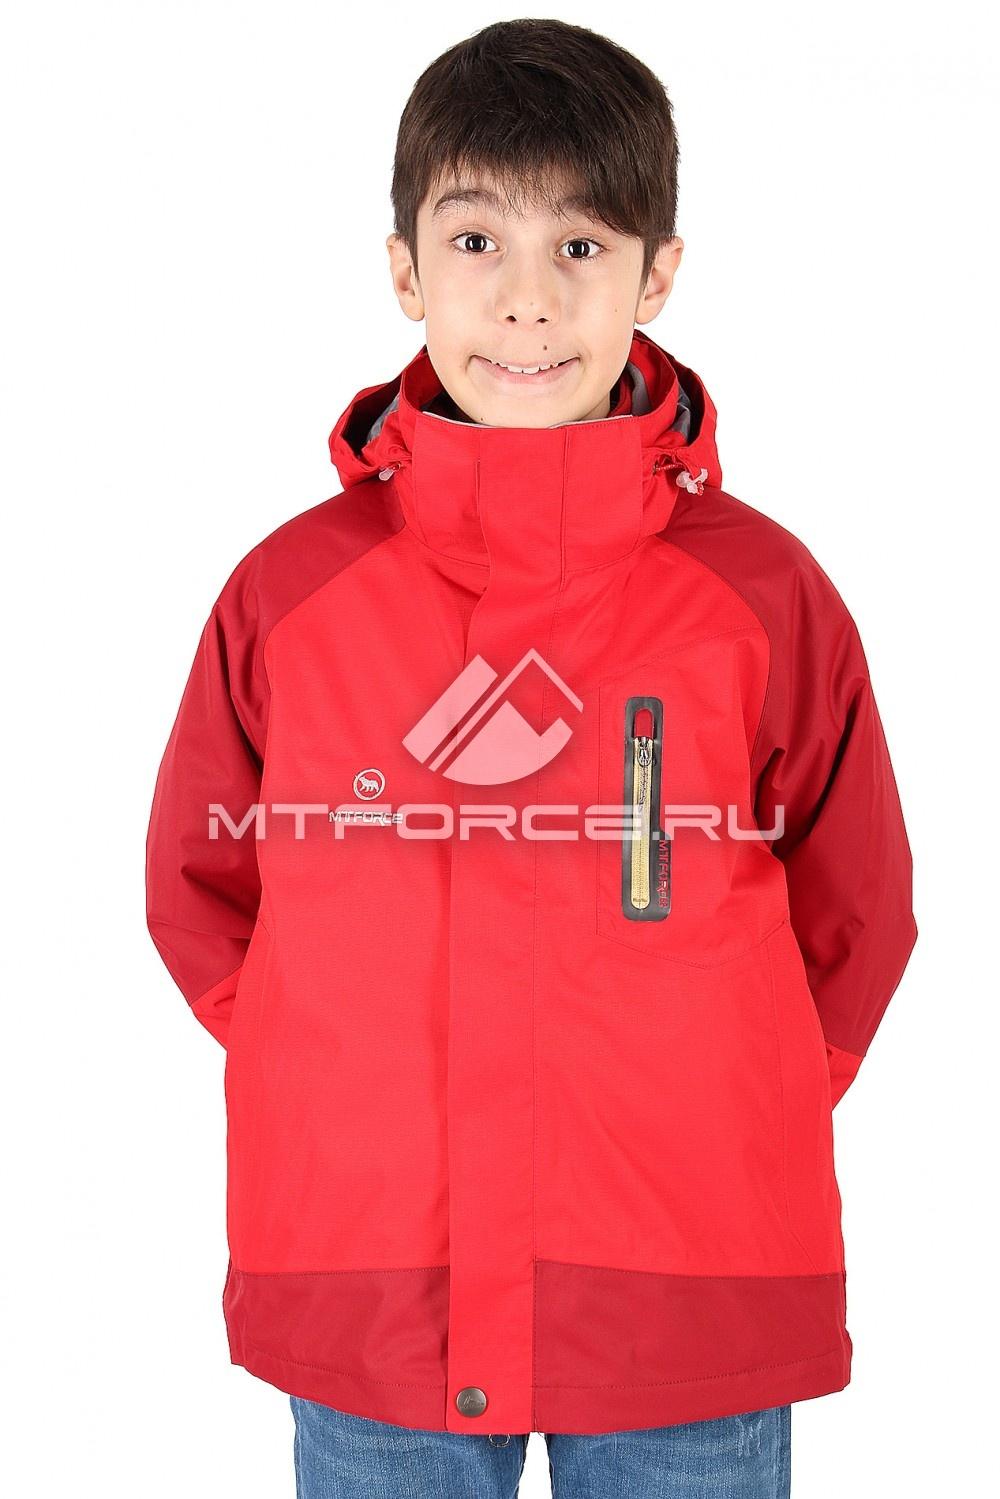 Купить                                  оптом Куртка мальчик три в одном красного цвета B01Kr